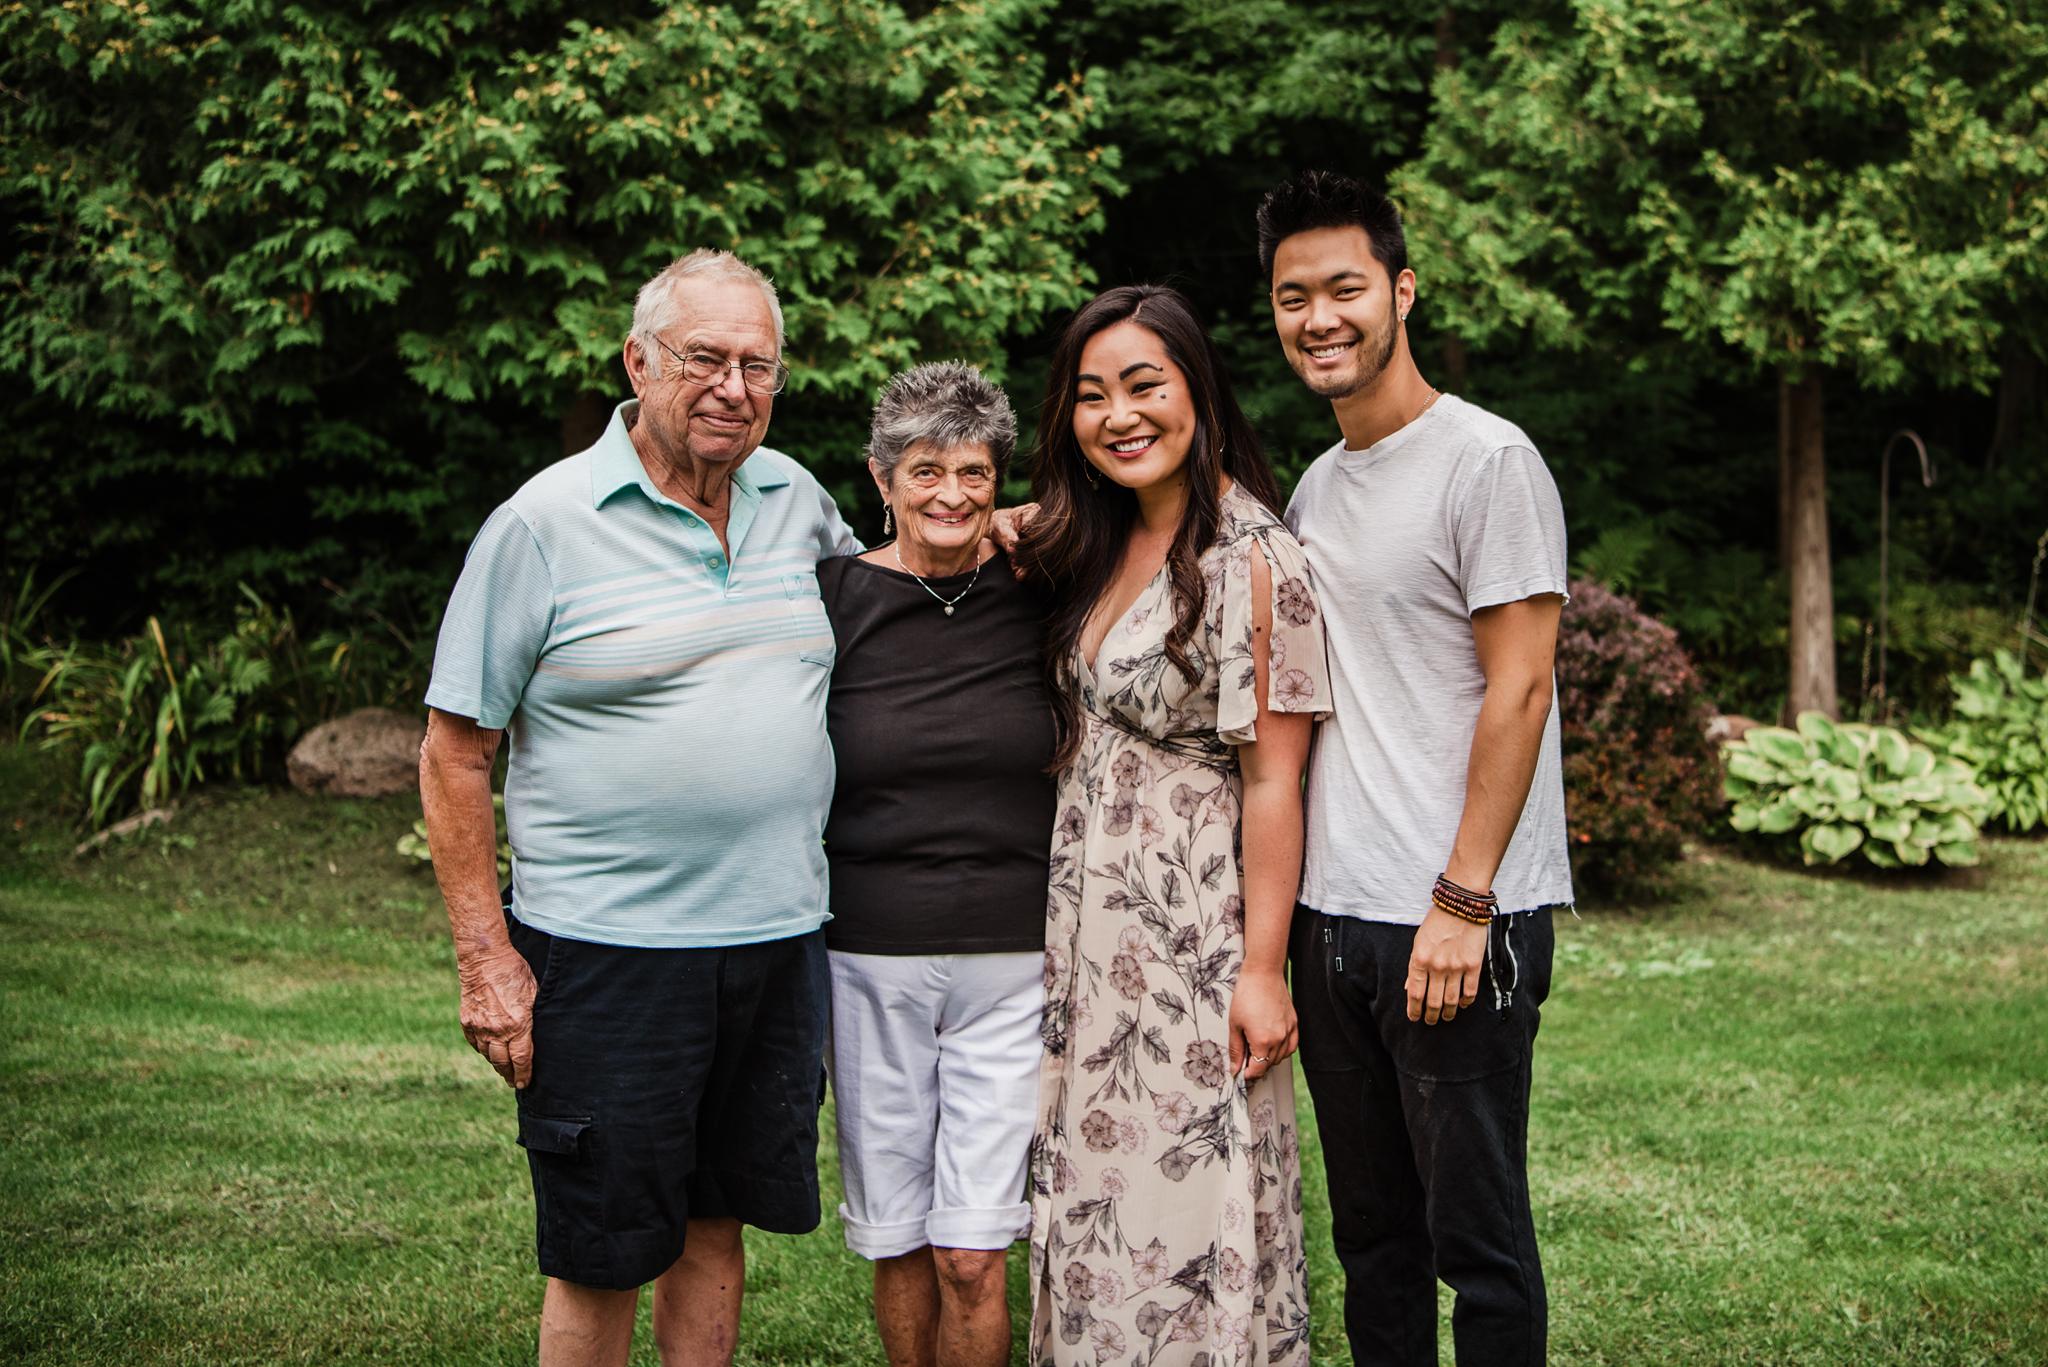 Our_Family_2019_Rochester_Family_Session_JILL_STUDIO_Rochester_NY_Photographer_DSC_5326.jpg